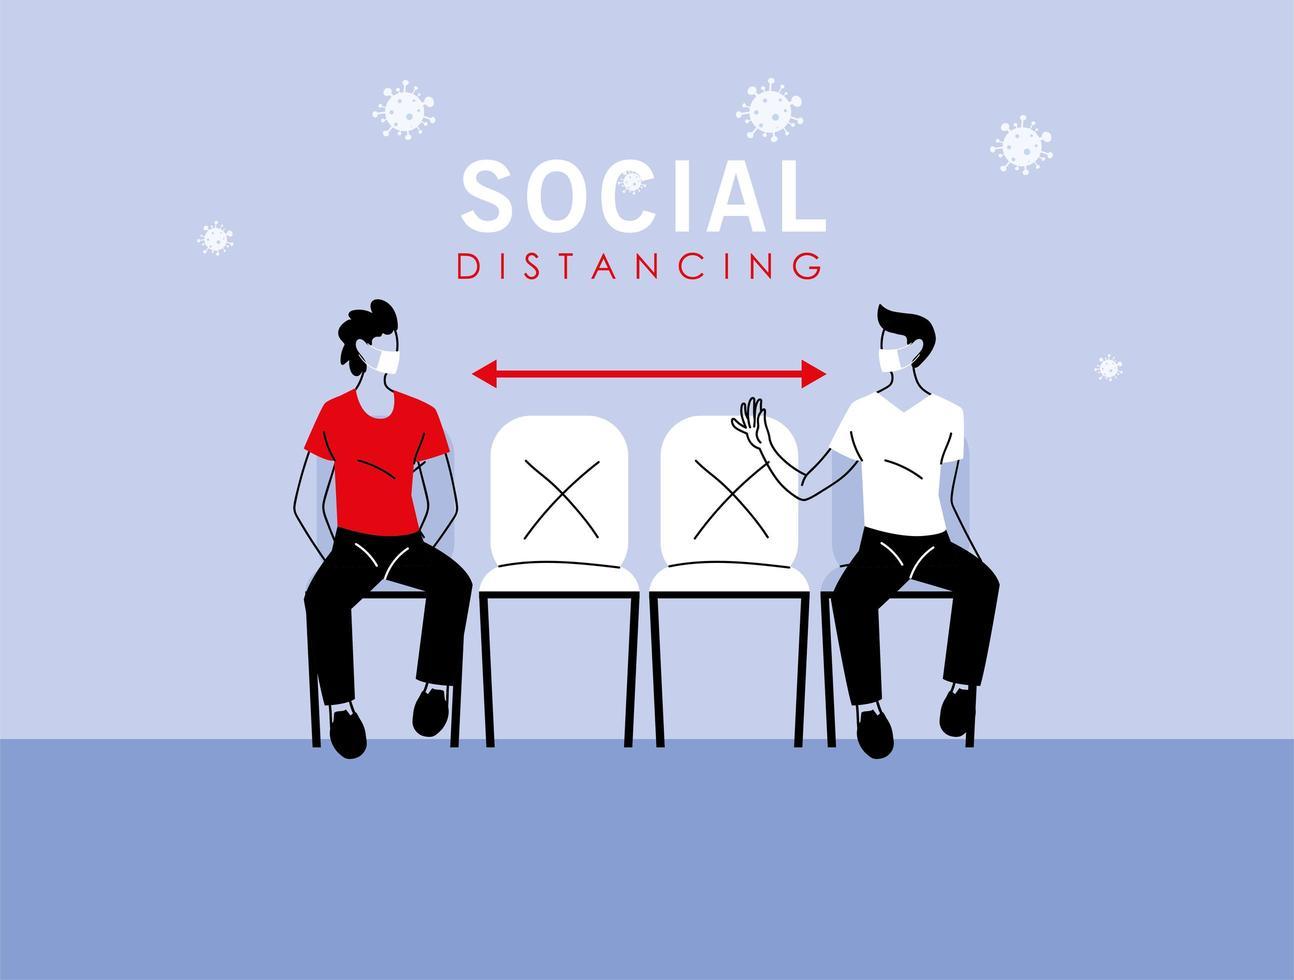 soziale Distanzierung zwischen Männern mit Masken auf Stühlen vektor